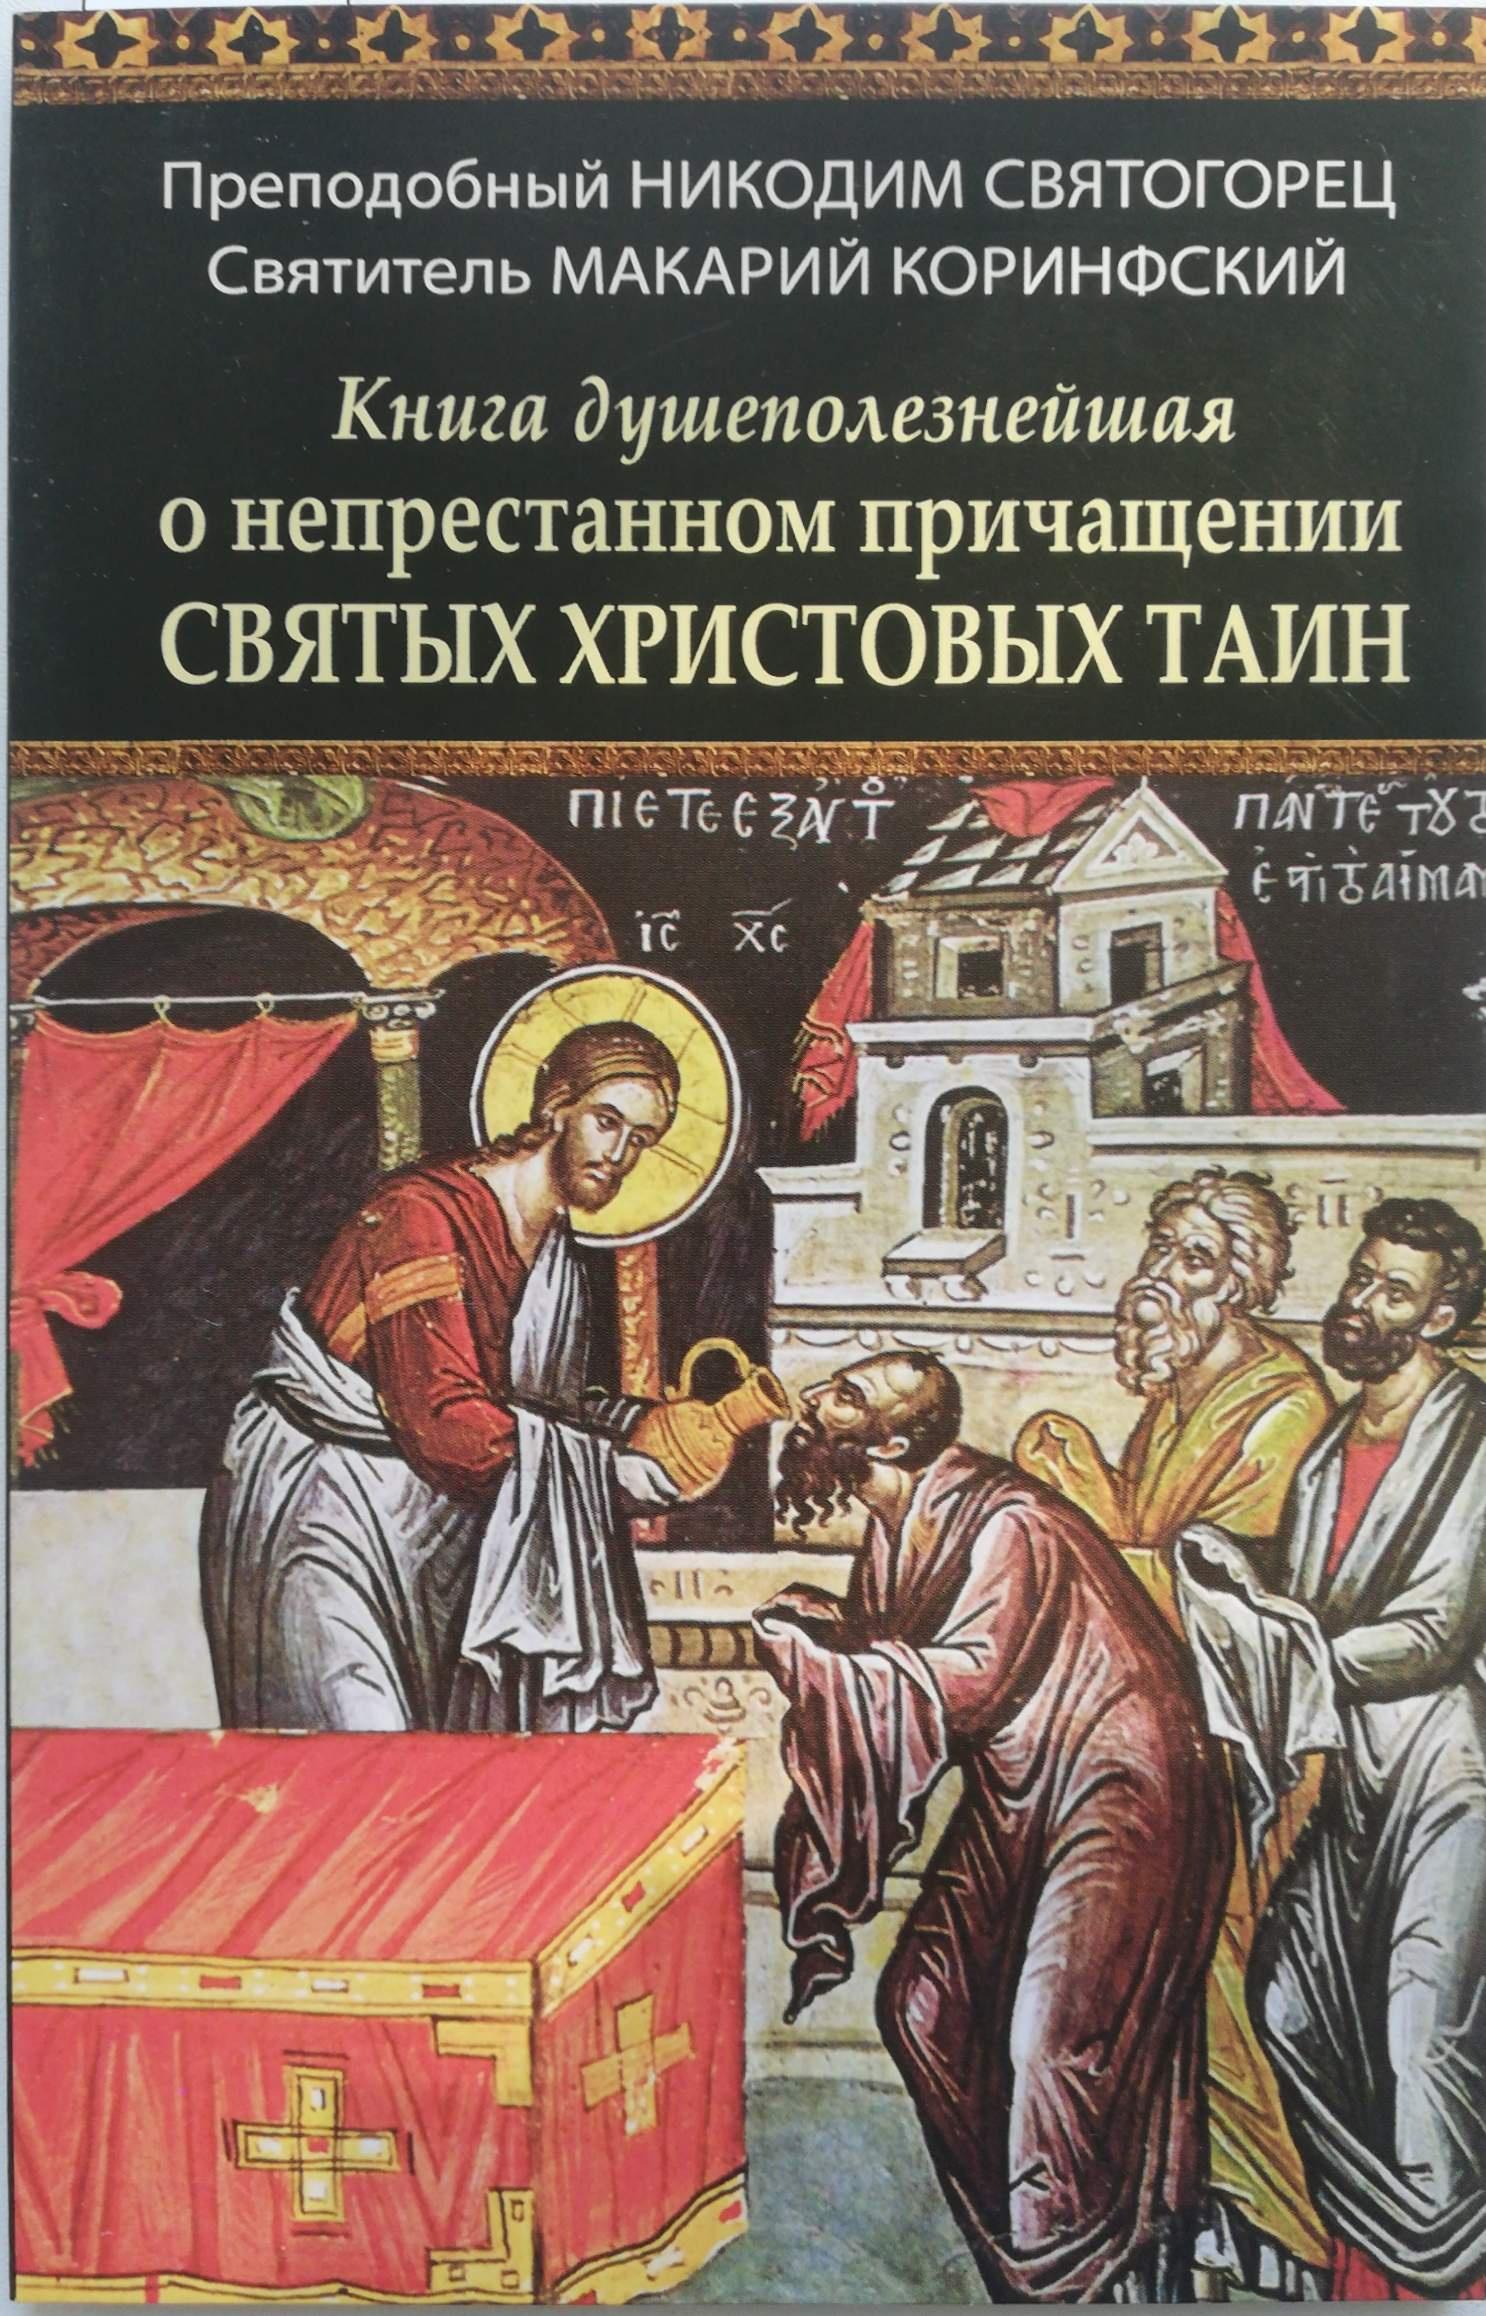 Поздравление с причастием святых христовых тайн картинки